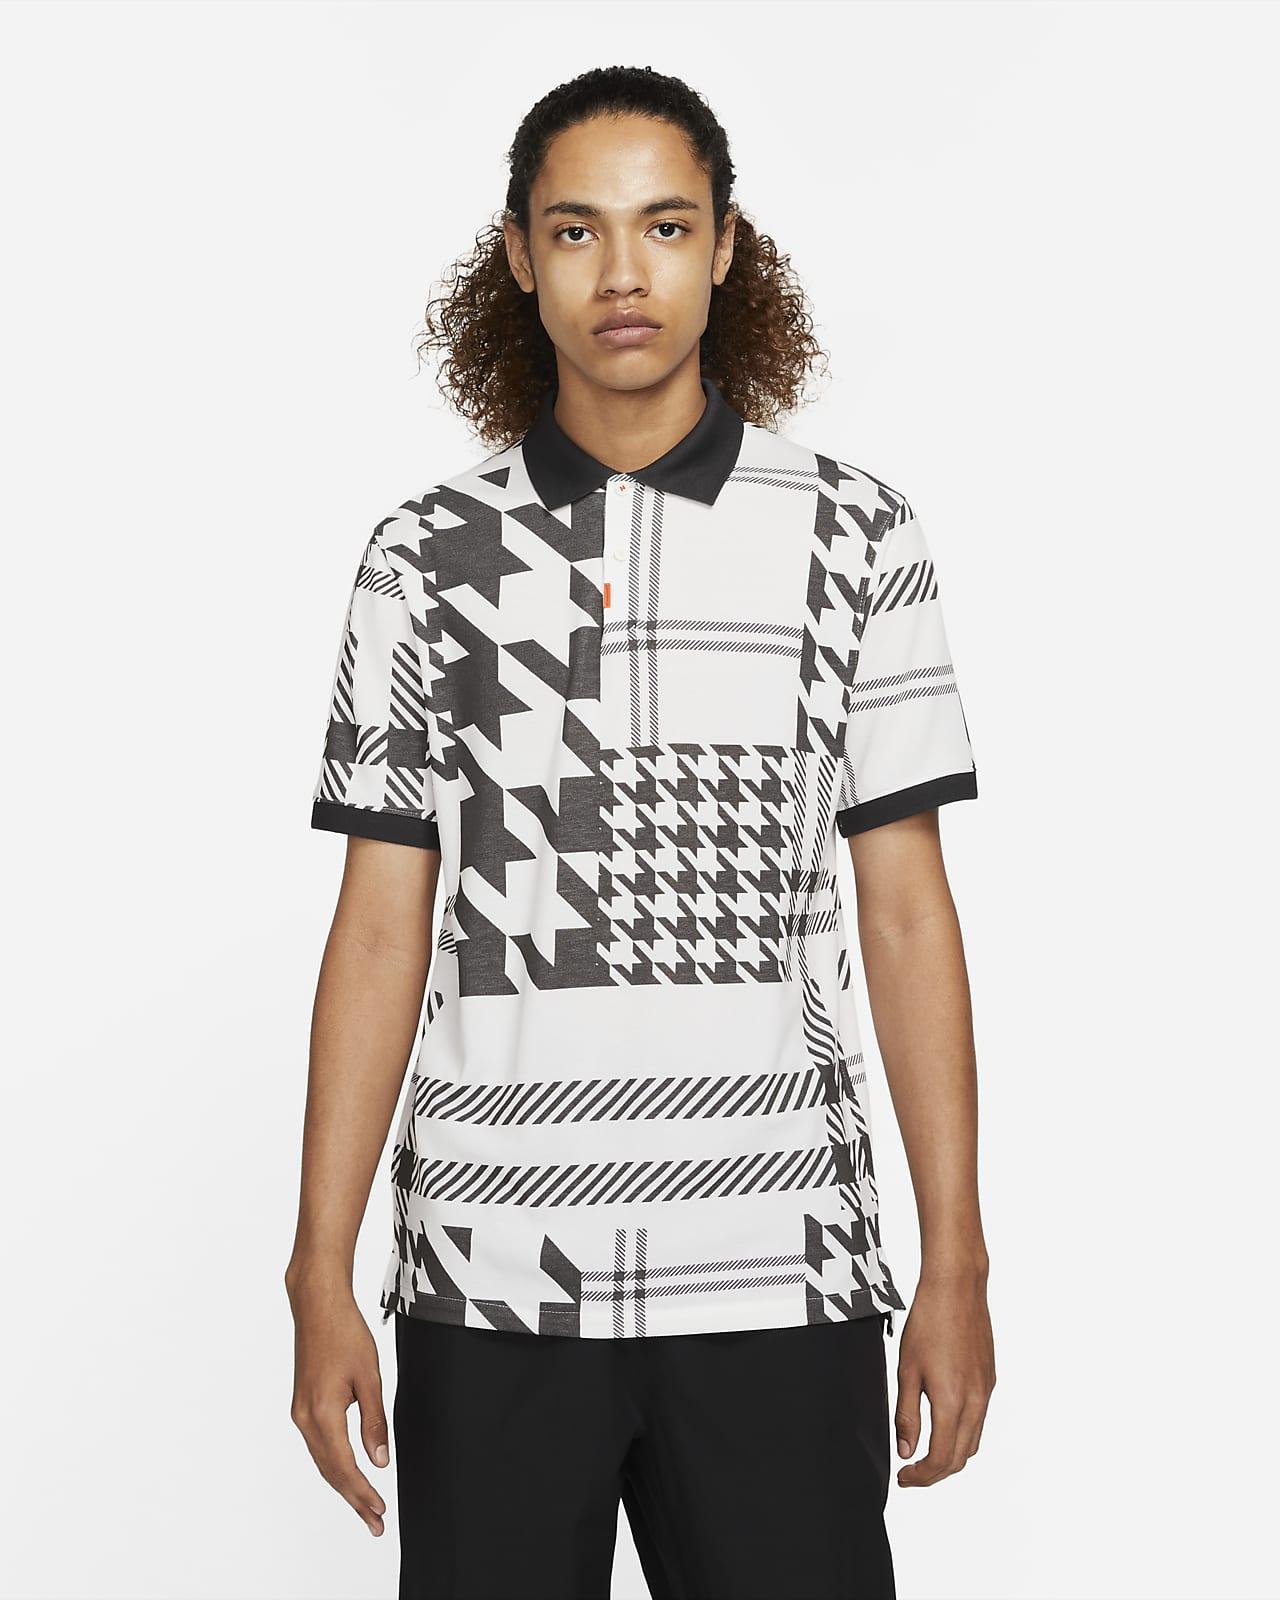 The Nike Polo Herren-Poloshirt in schmaler Passform mit Karomuster